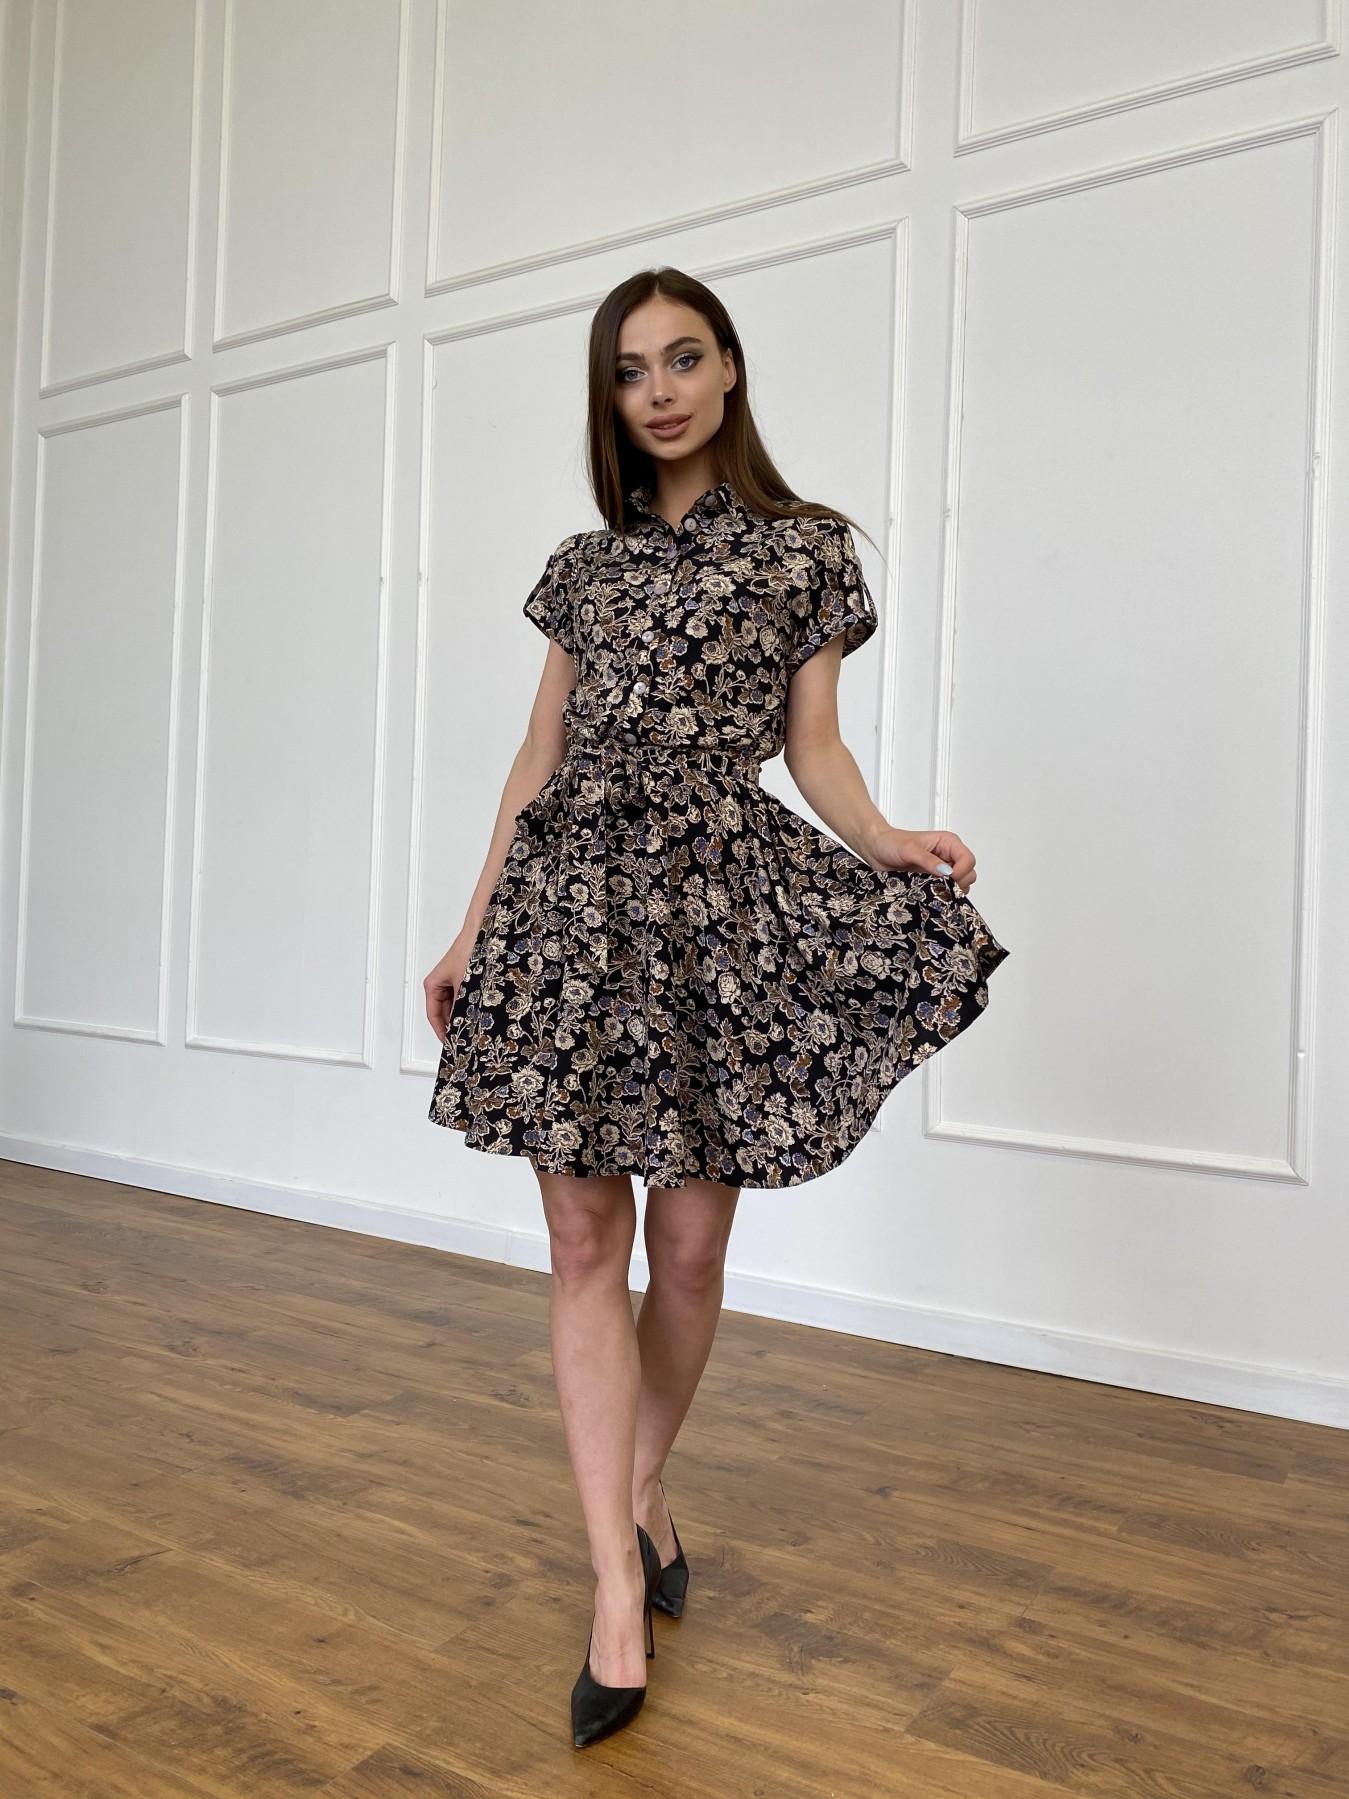 Санжар платье из ткани софт в принт 11215 АРТ. 47726 Цвет: Черный/т. беж, Цветы - фото 9, интернет магазин tm-modus.ru